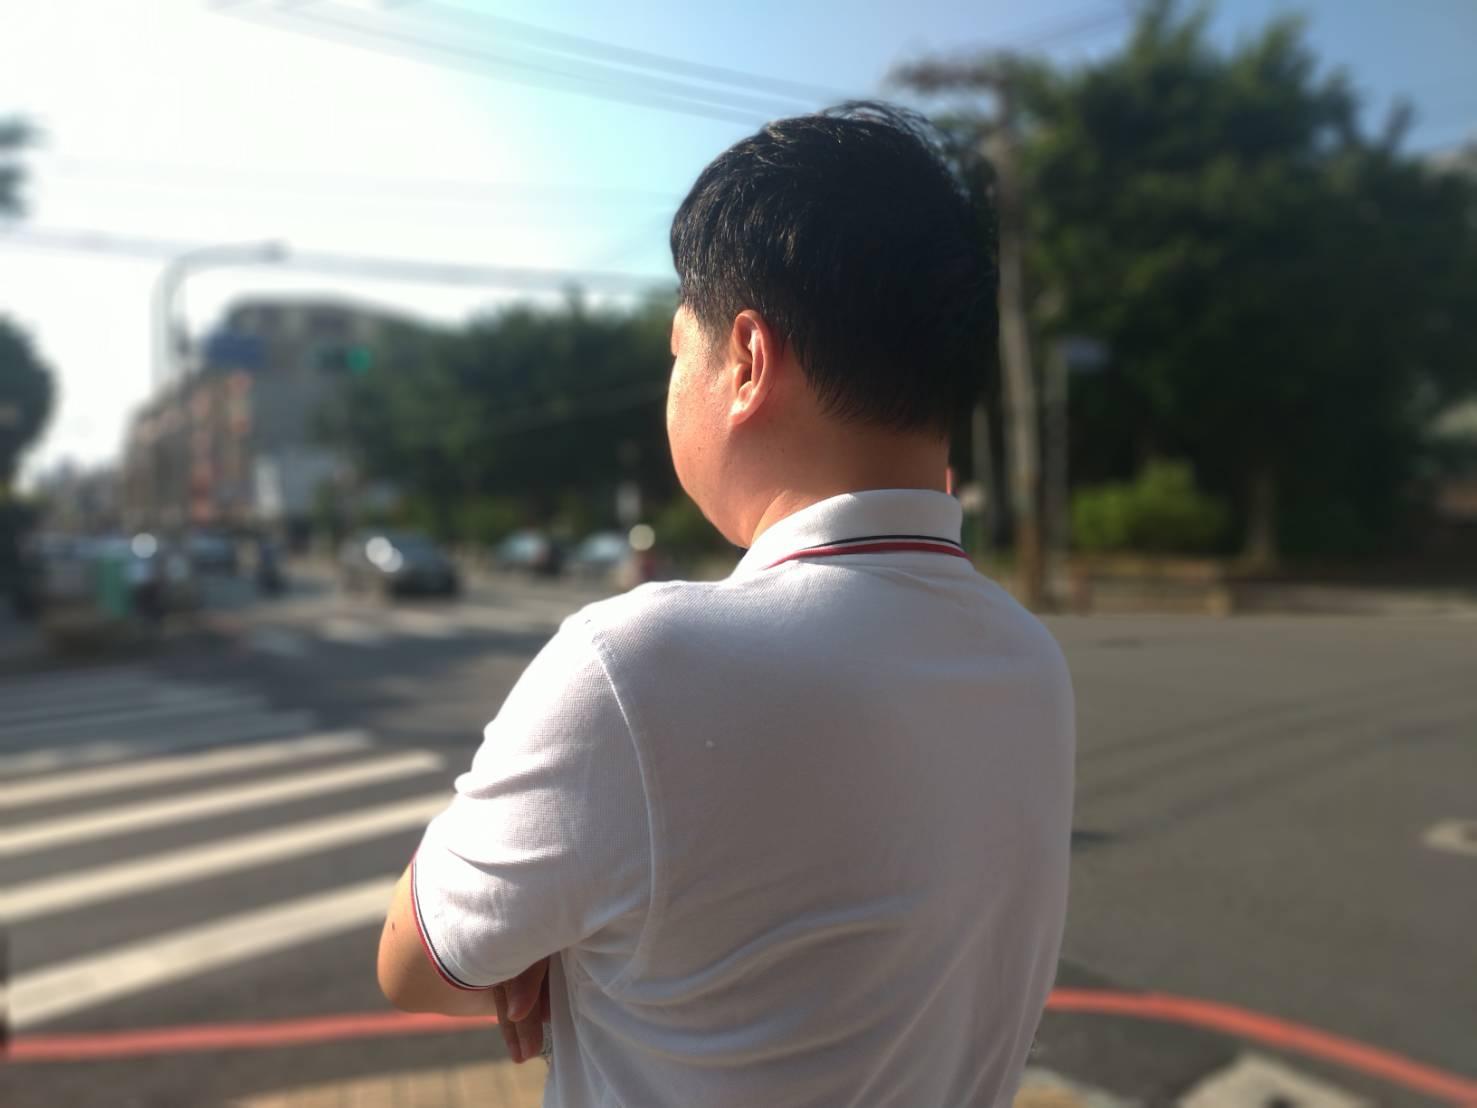 桃園51歲的房東鍾先生表示,自己加入公益出租人行列就是為了幫助弱勢